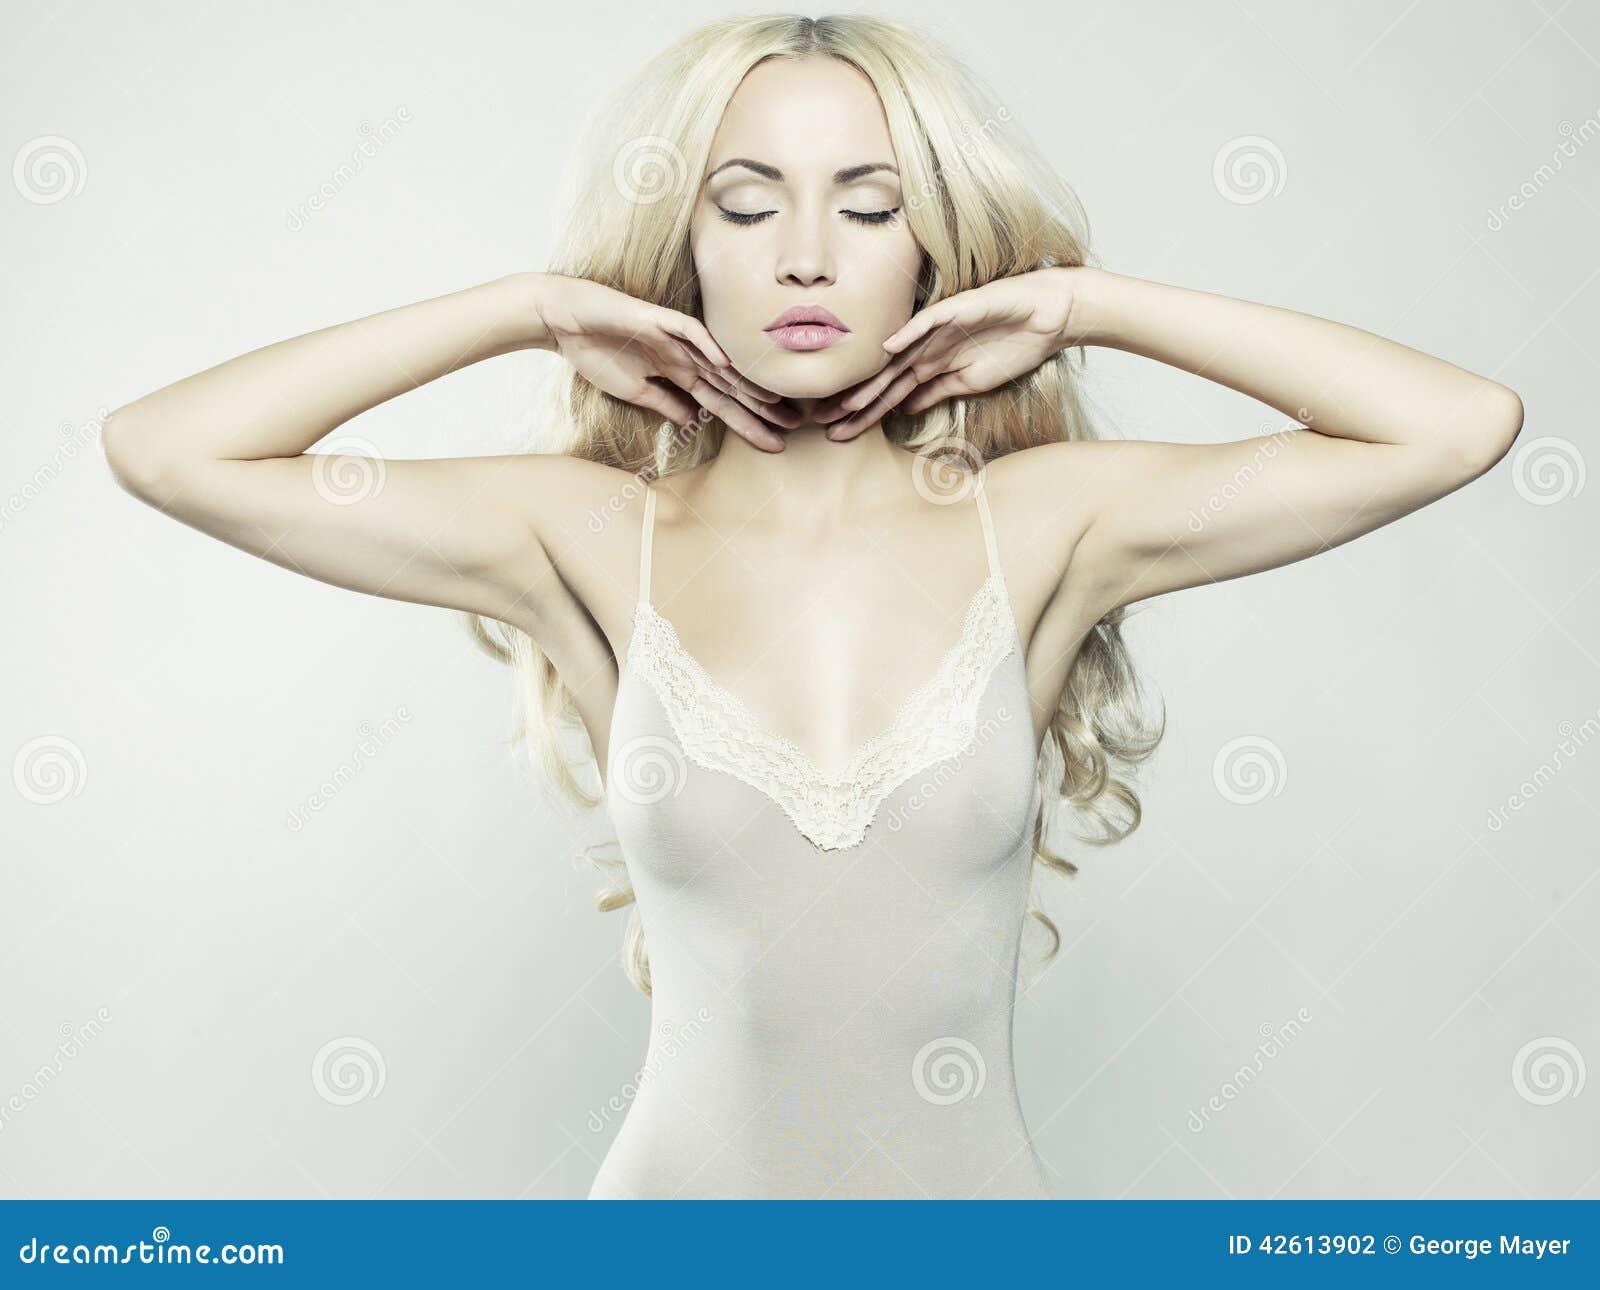 Сексуальная блондинка фото 14 фотография